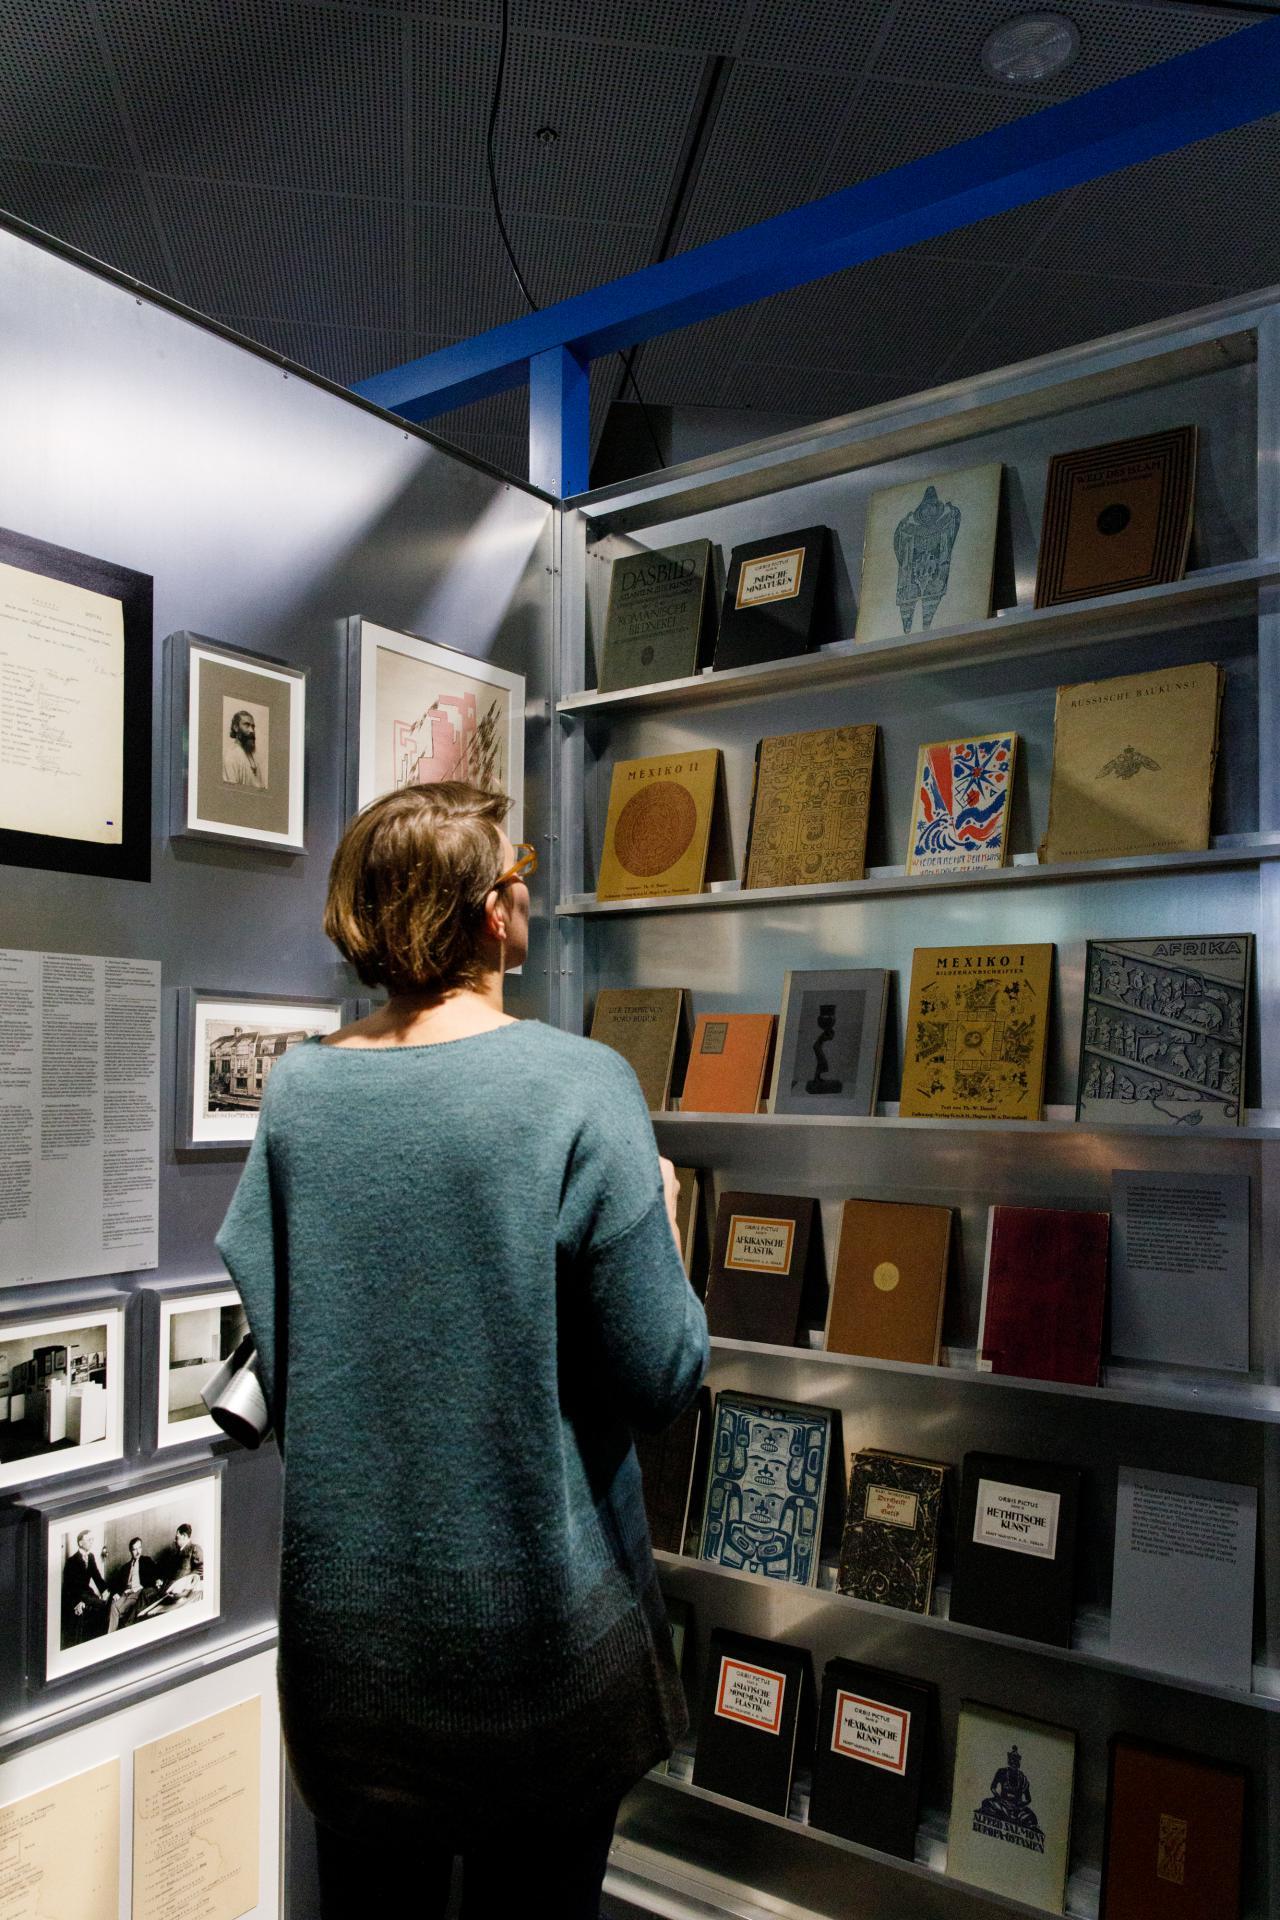 Das Foto zeigt ein Regal mit einer großen Auswahl von Bauhaus Publikationen